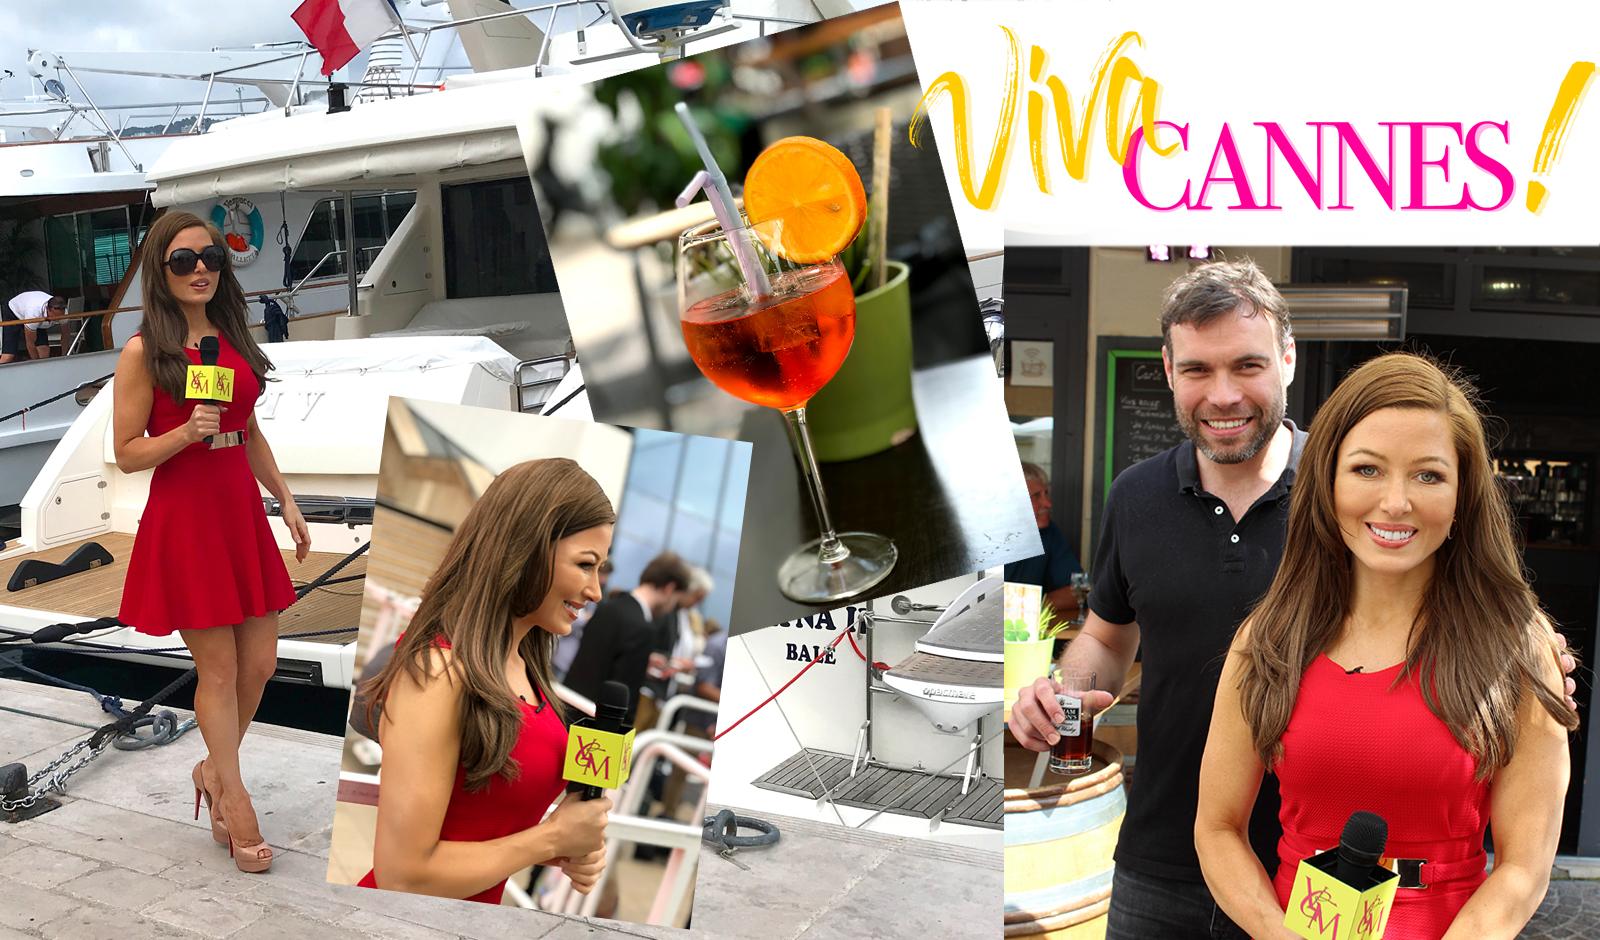 viva-cannes-show-glam-magazine-rebecca-grant